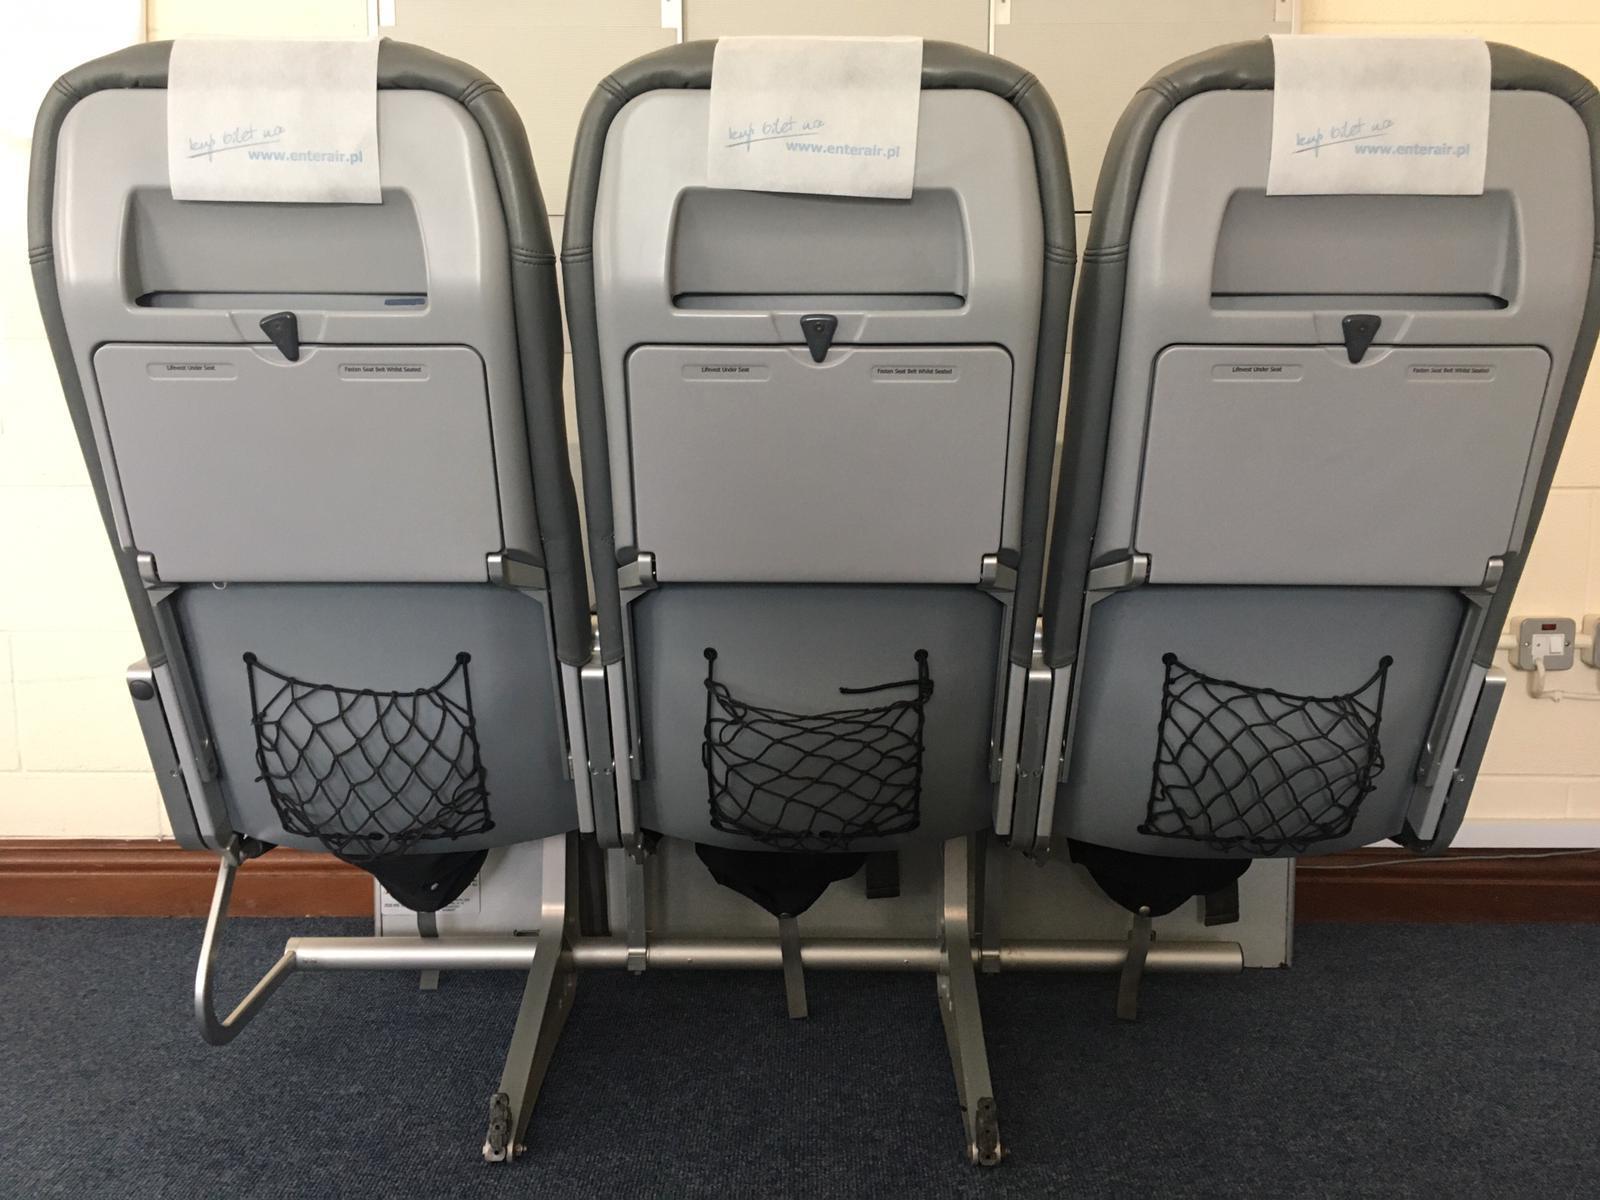 1_ACRO-SEAT-2-1